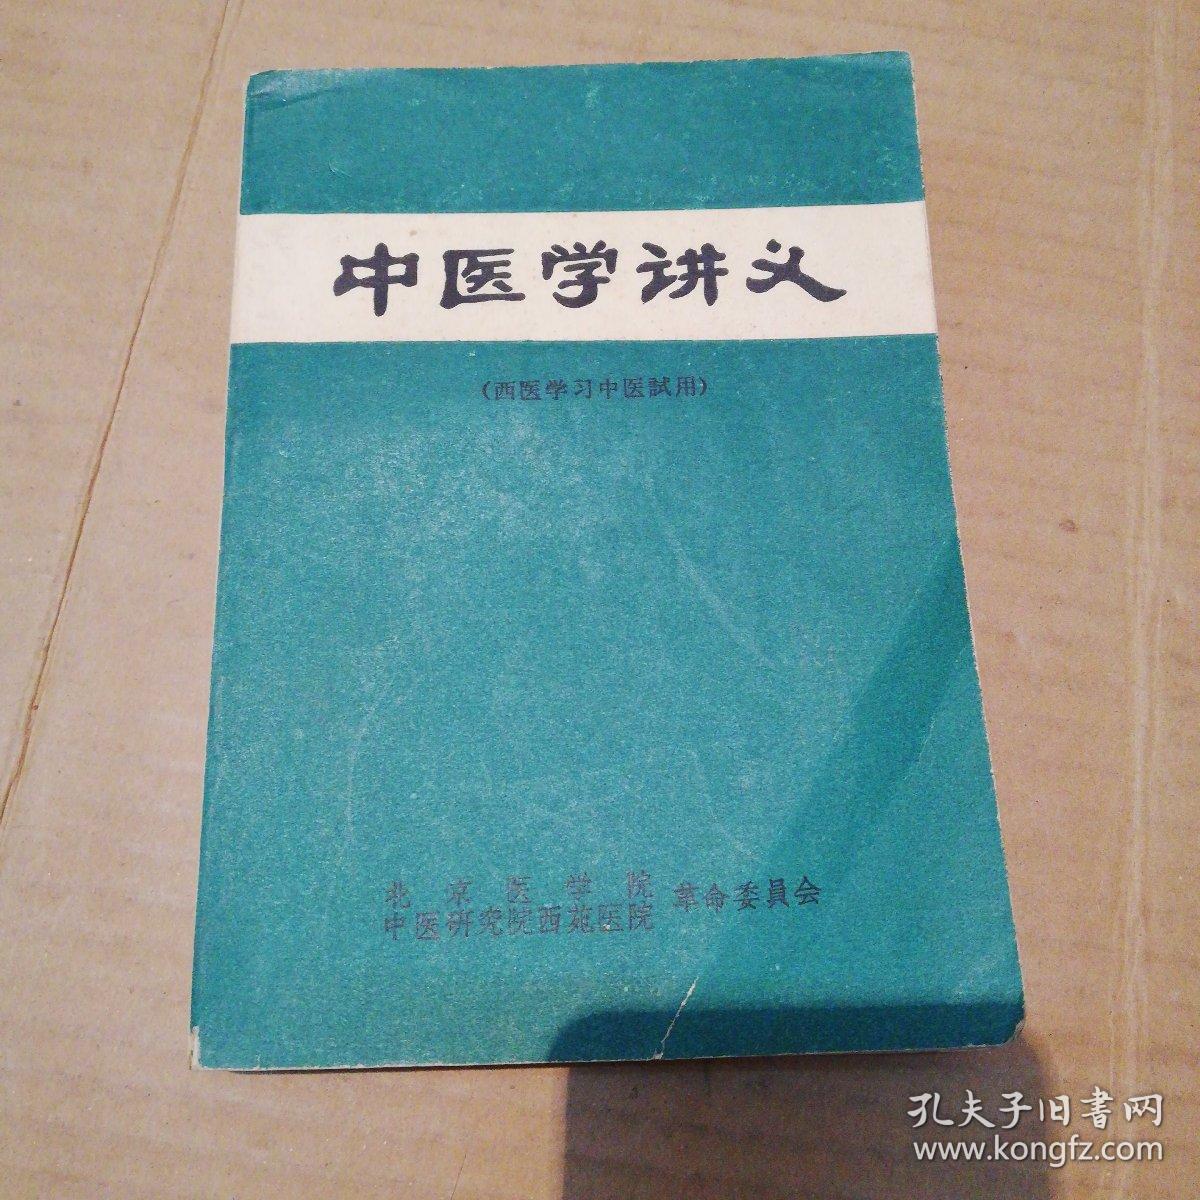 中医学讲义(西医学习中医试用)